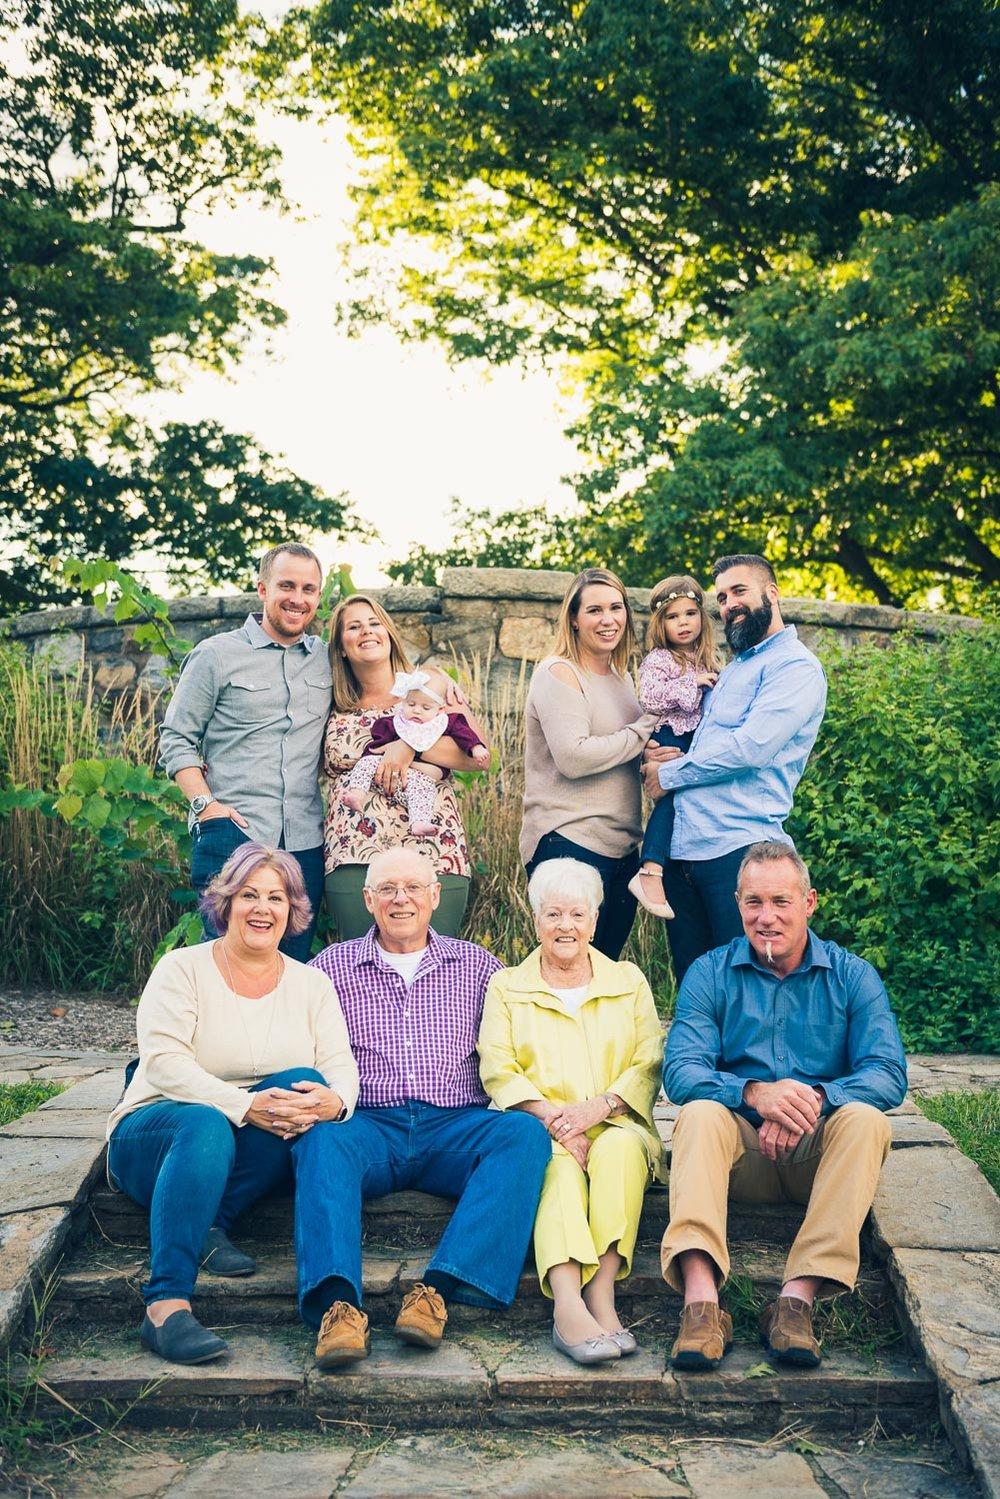 20170909 - Samick Family LR-7.jpg